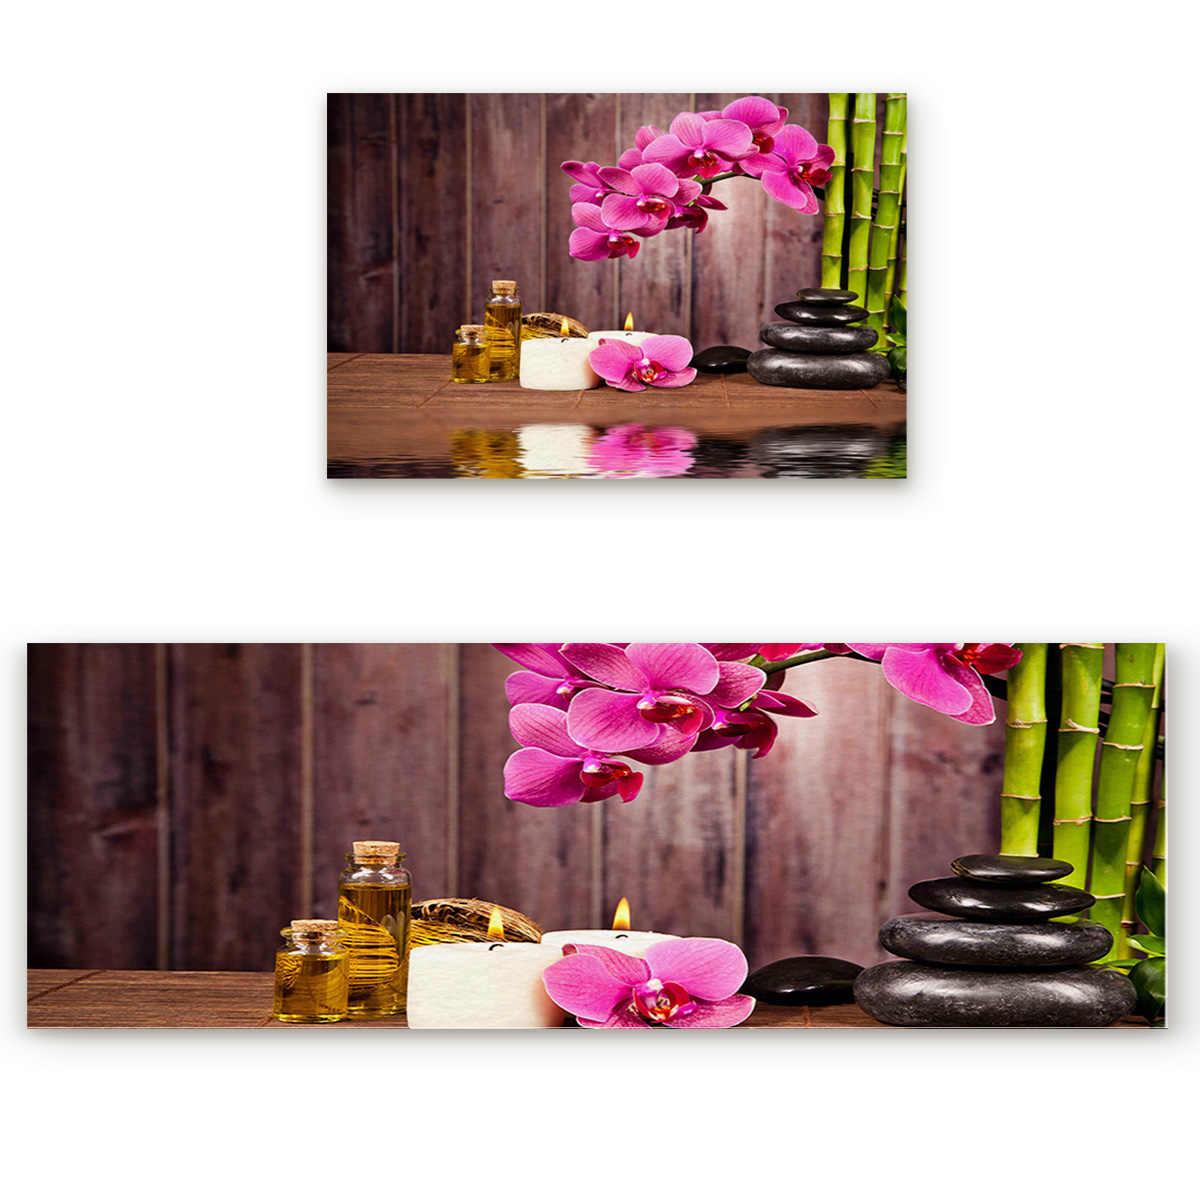 2 ชิ้น/เซ็ตสปาหินดอกไม้ไม้ไผ่ห้องครัวอุปกรณ์เสริมประตู Tapete Doormats ห้องน้ำพรมปูพื้น Mats พรมบ้าน